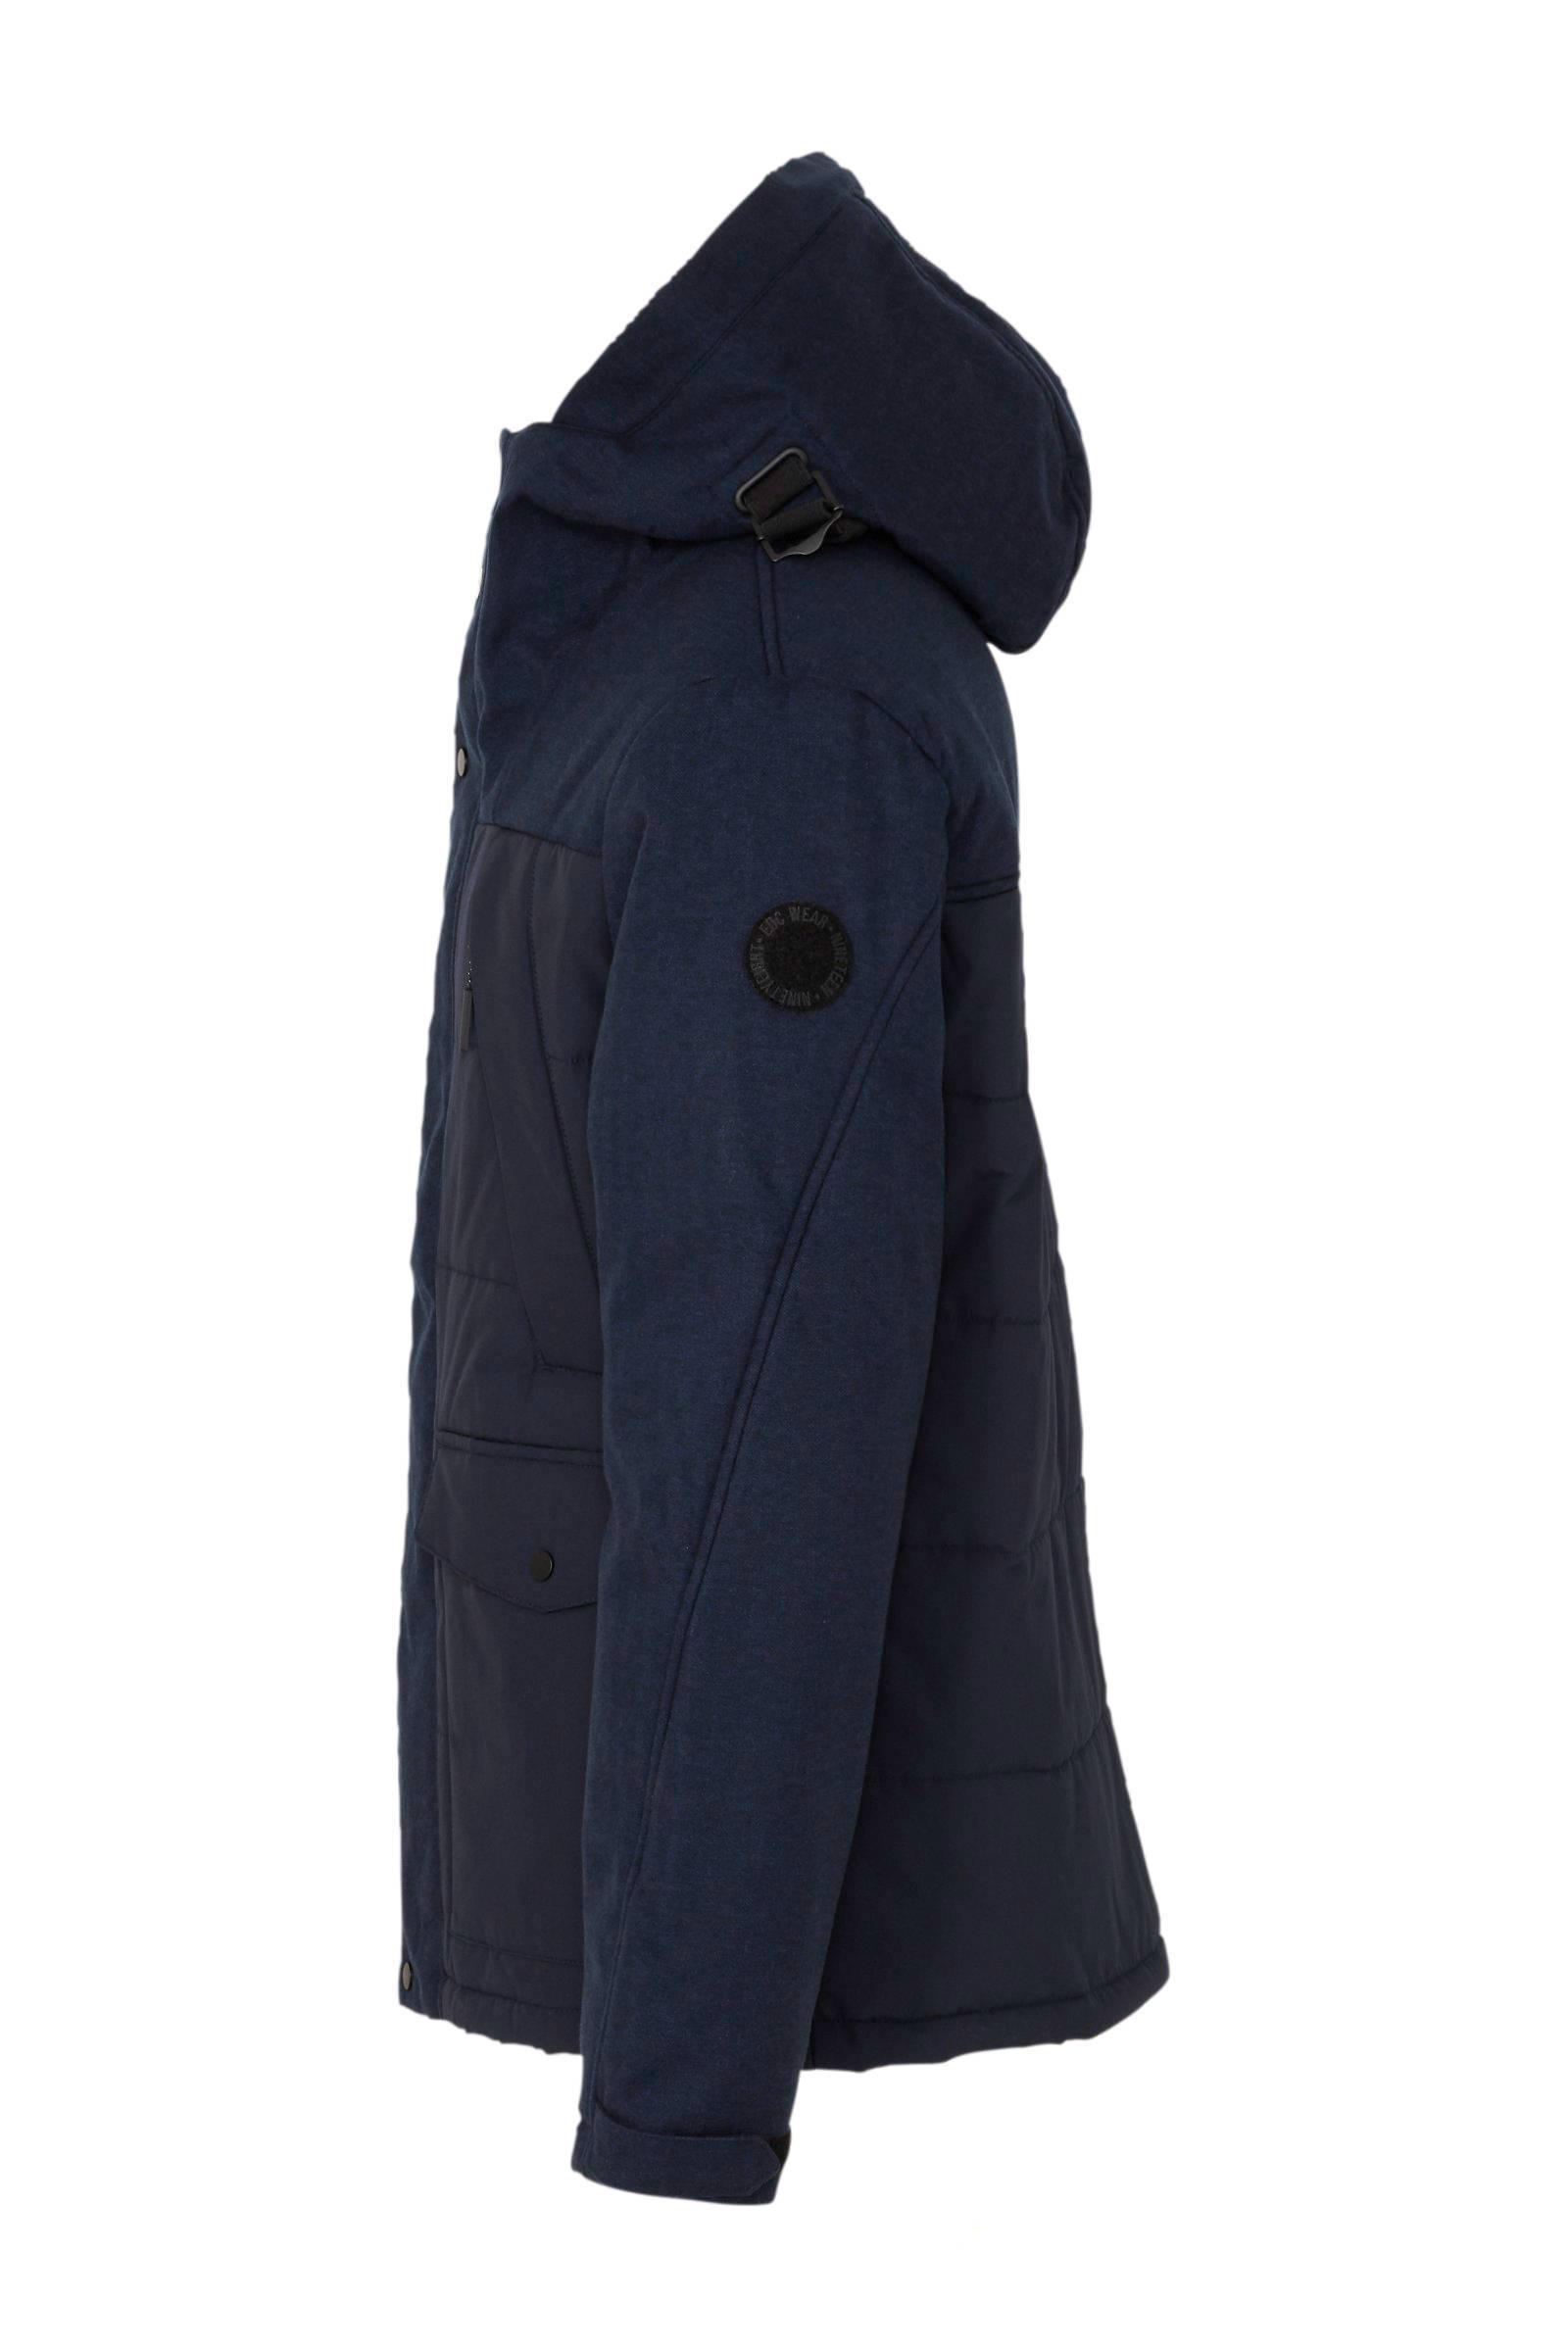 Esprit Synthetisch Men Casual Winterjas Marine in het Blauw voor heren